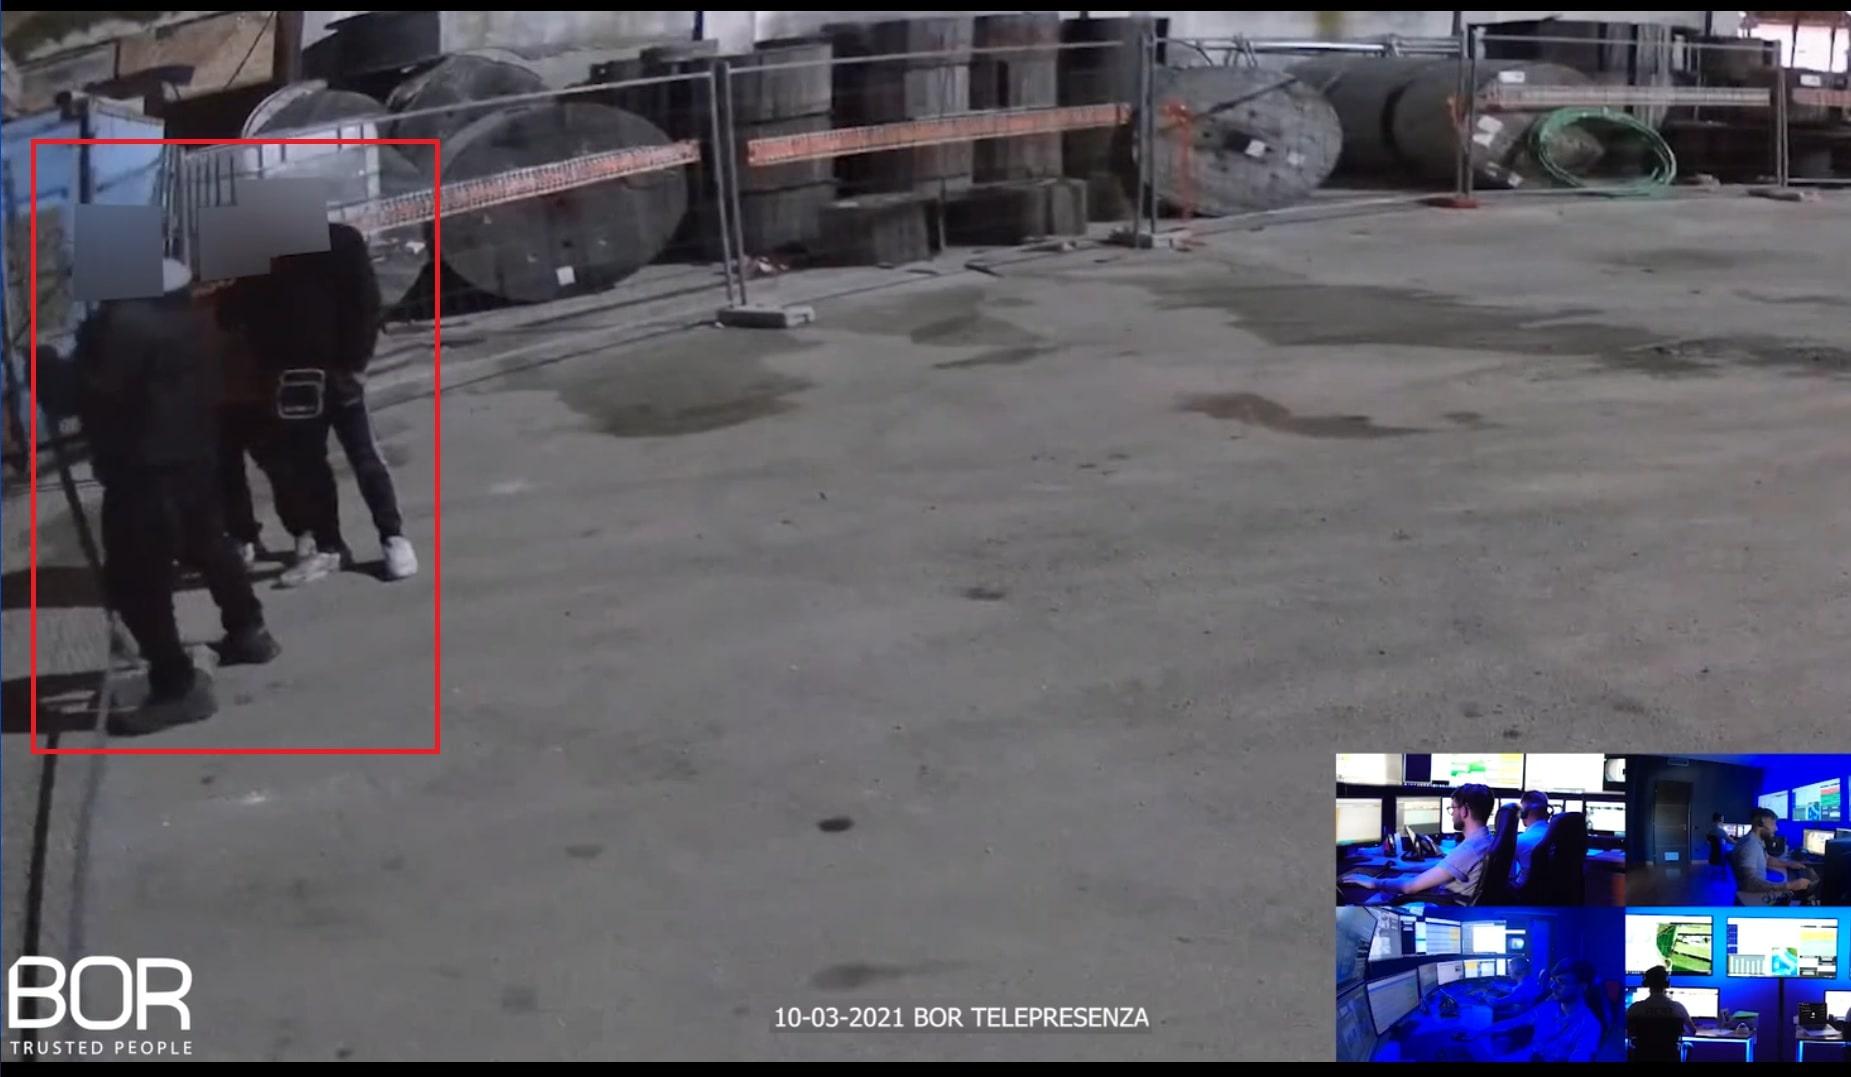 Foggia: Seconda intrusione dissuasa nel giro di pochi mesi presso la stessa struttura grazie a BOR